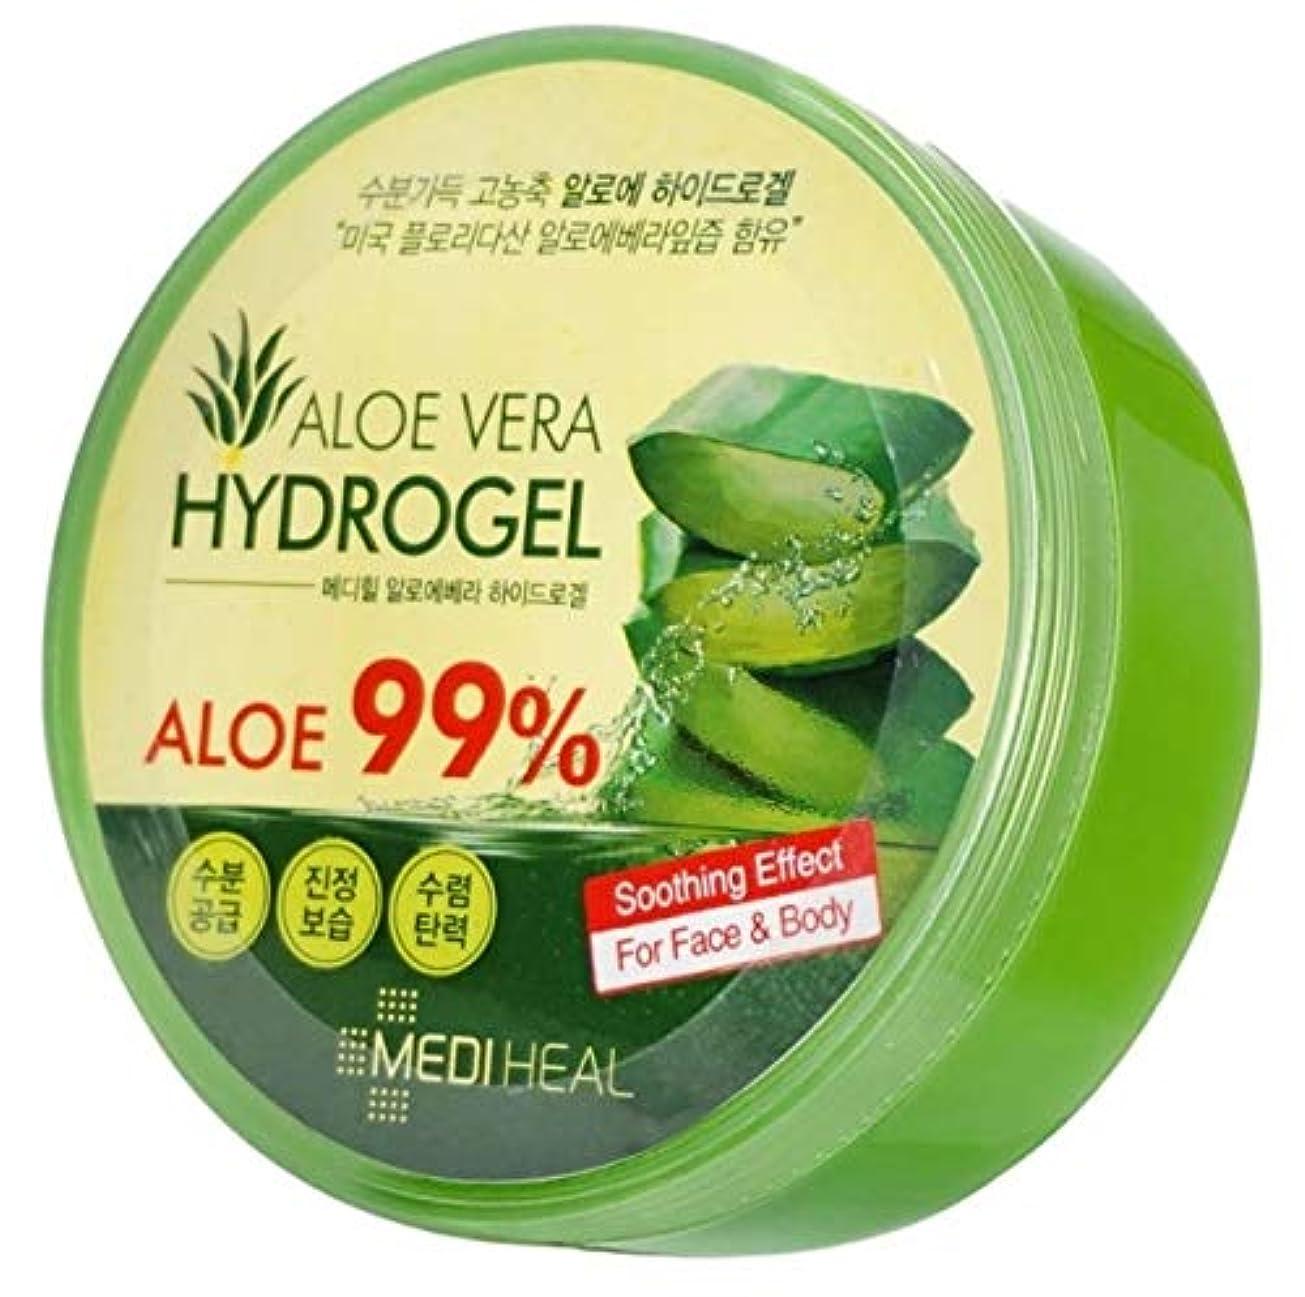 やりすぎ太平洋諸島変形Mediheal メディヒール Skin Soothing なだめるような & Moisture 水分 99% Aloe アロエ Vera Hydro Gels ハイドロゲル